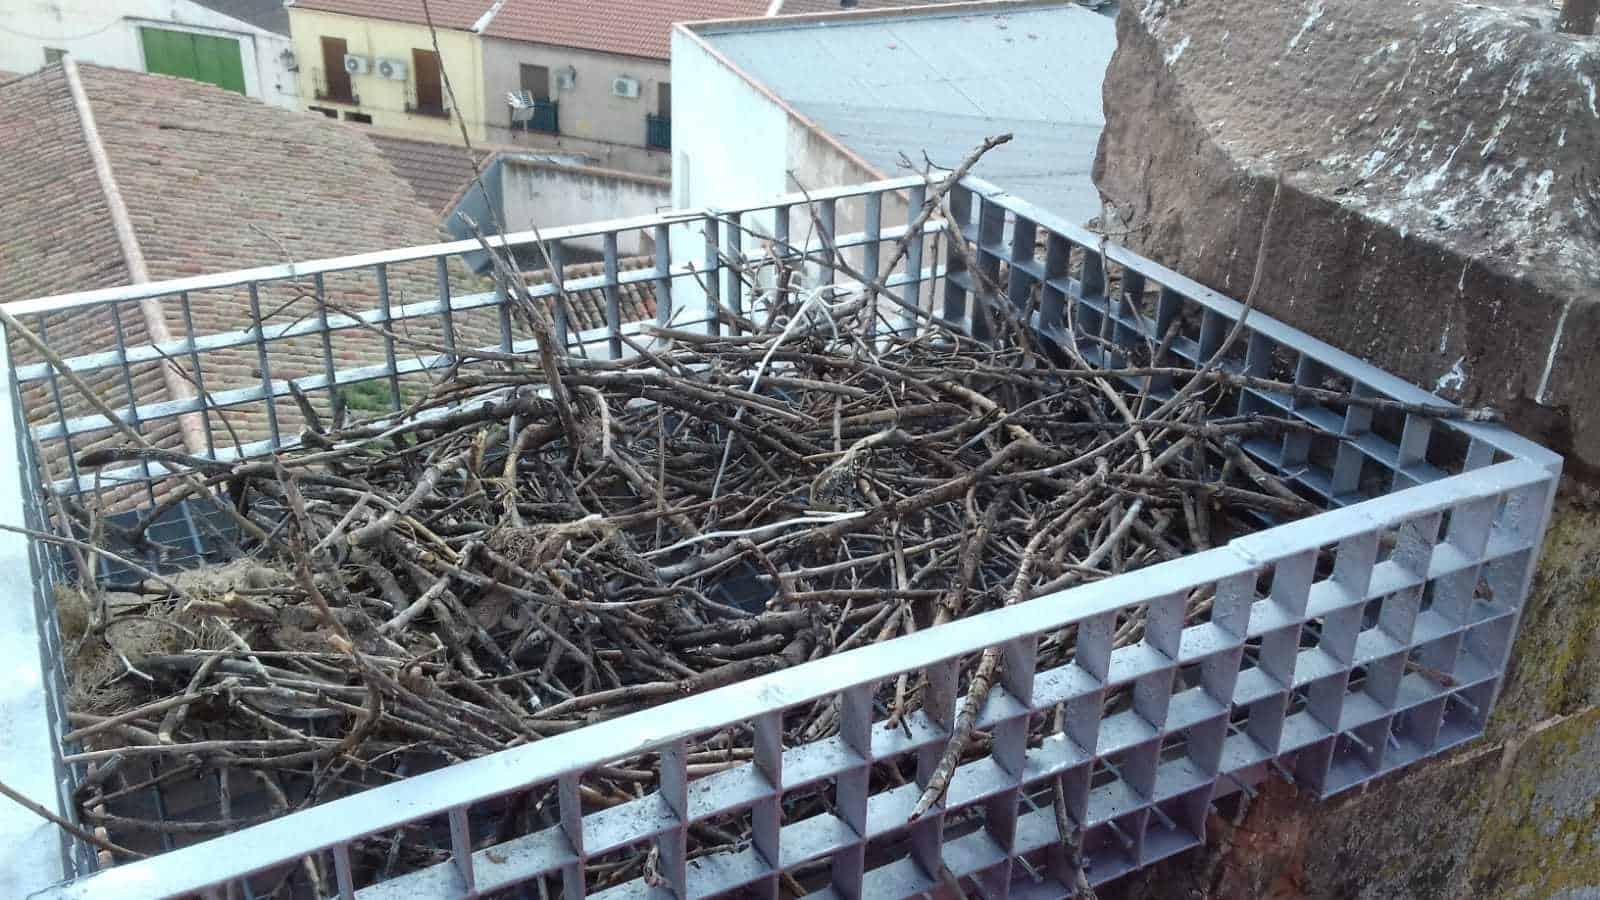 La Carolina7. nido cigüeñas navas de tolosa 1